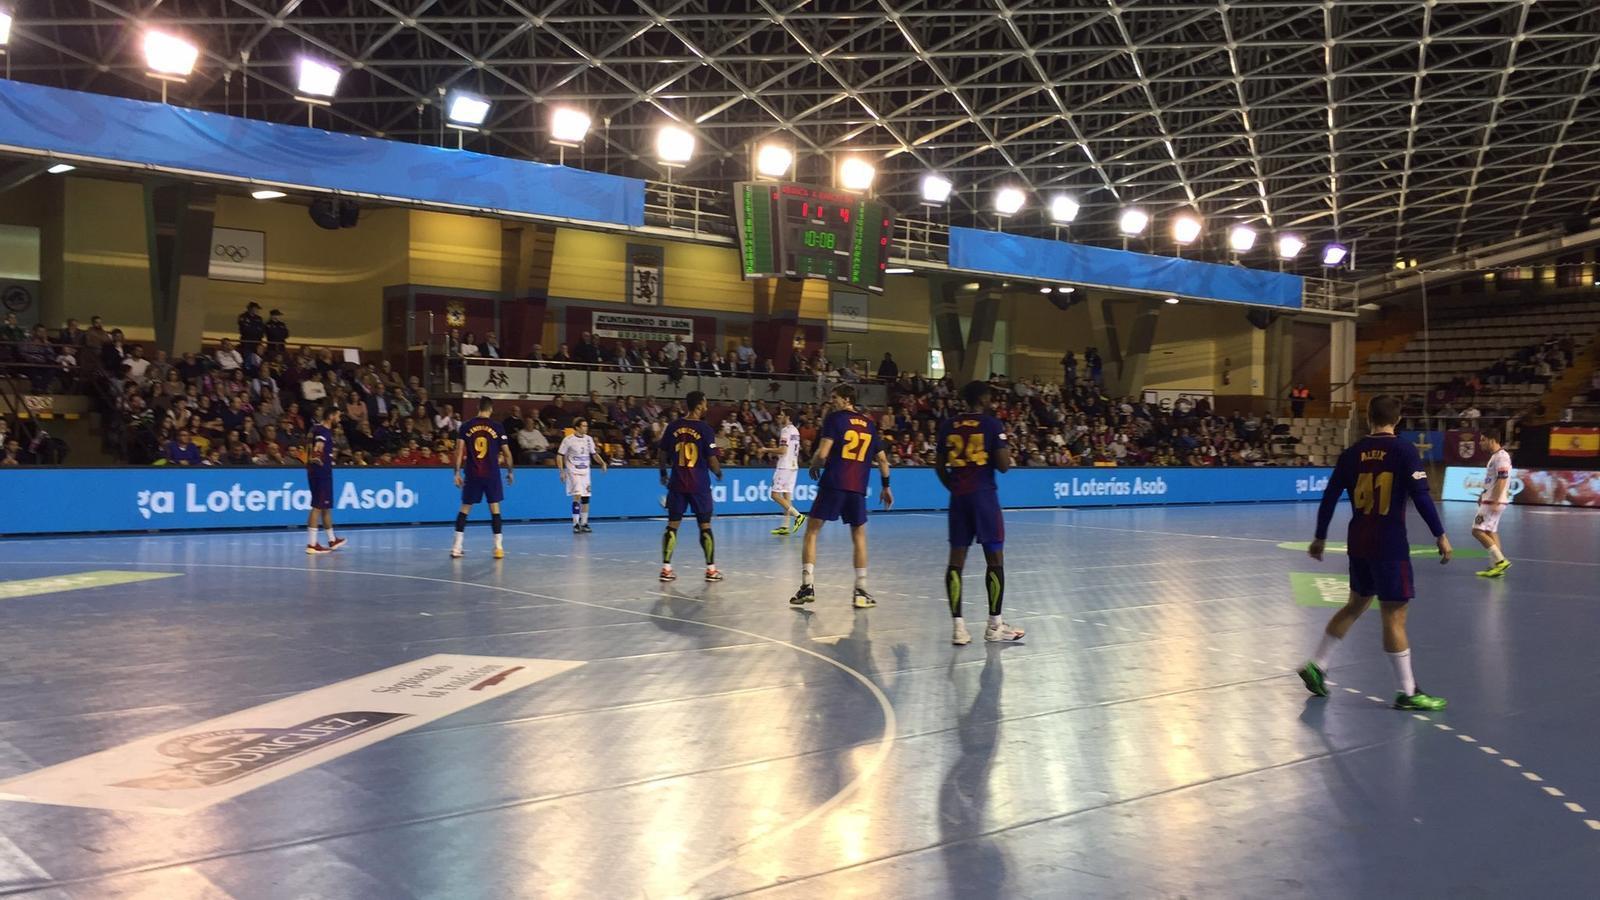 El Barça d'handbol a Lleó